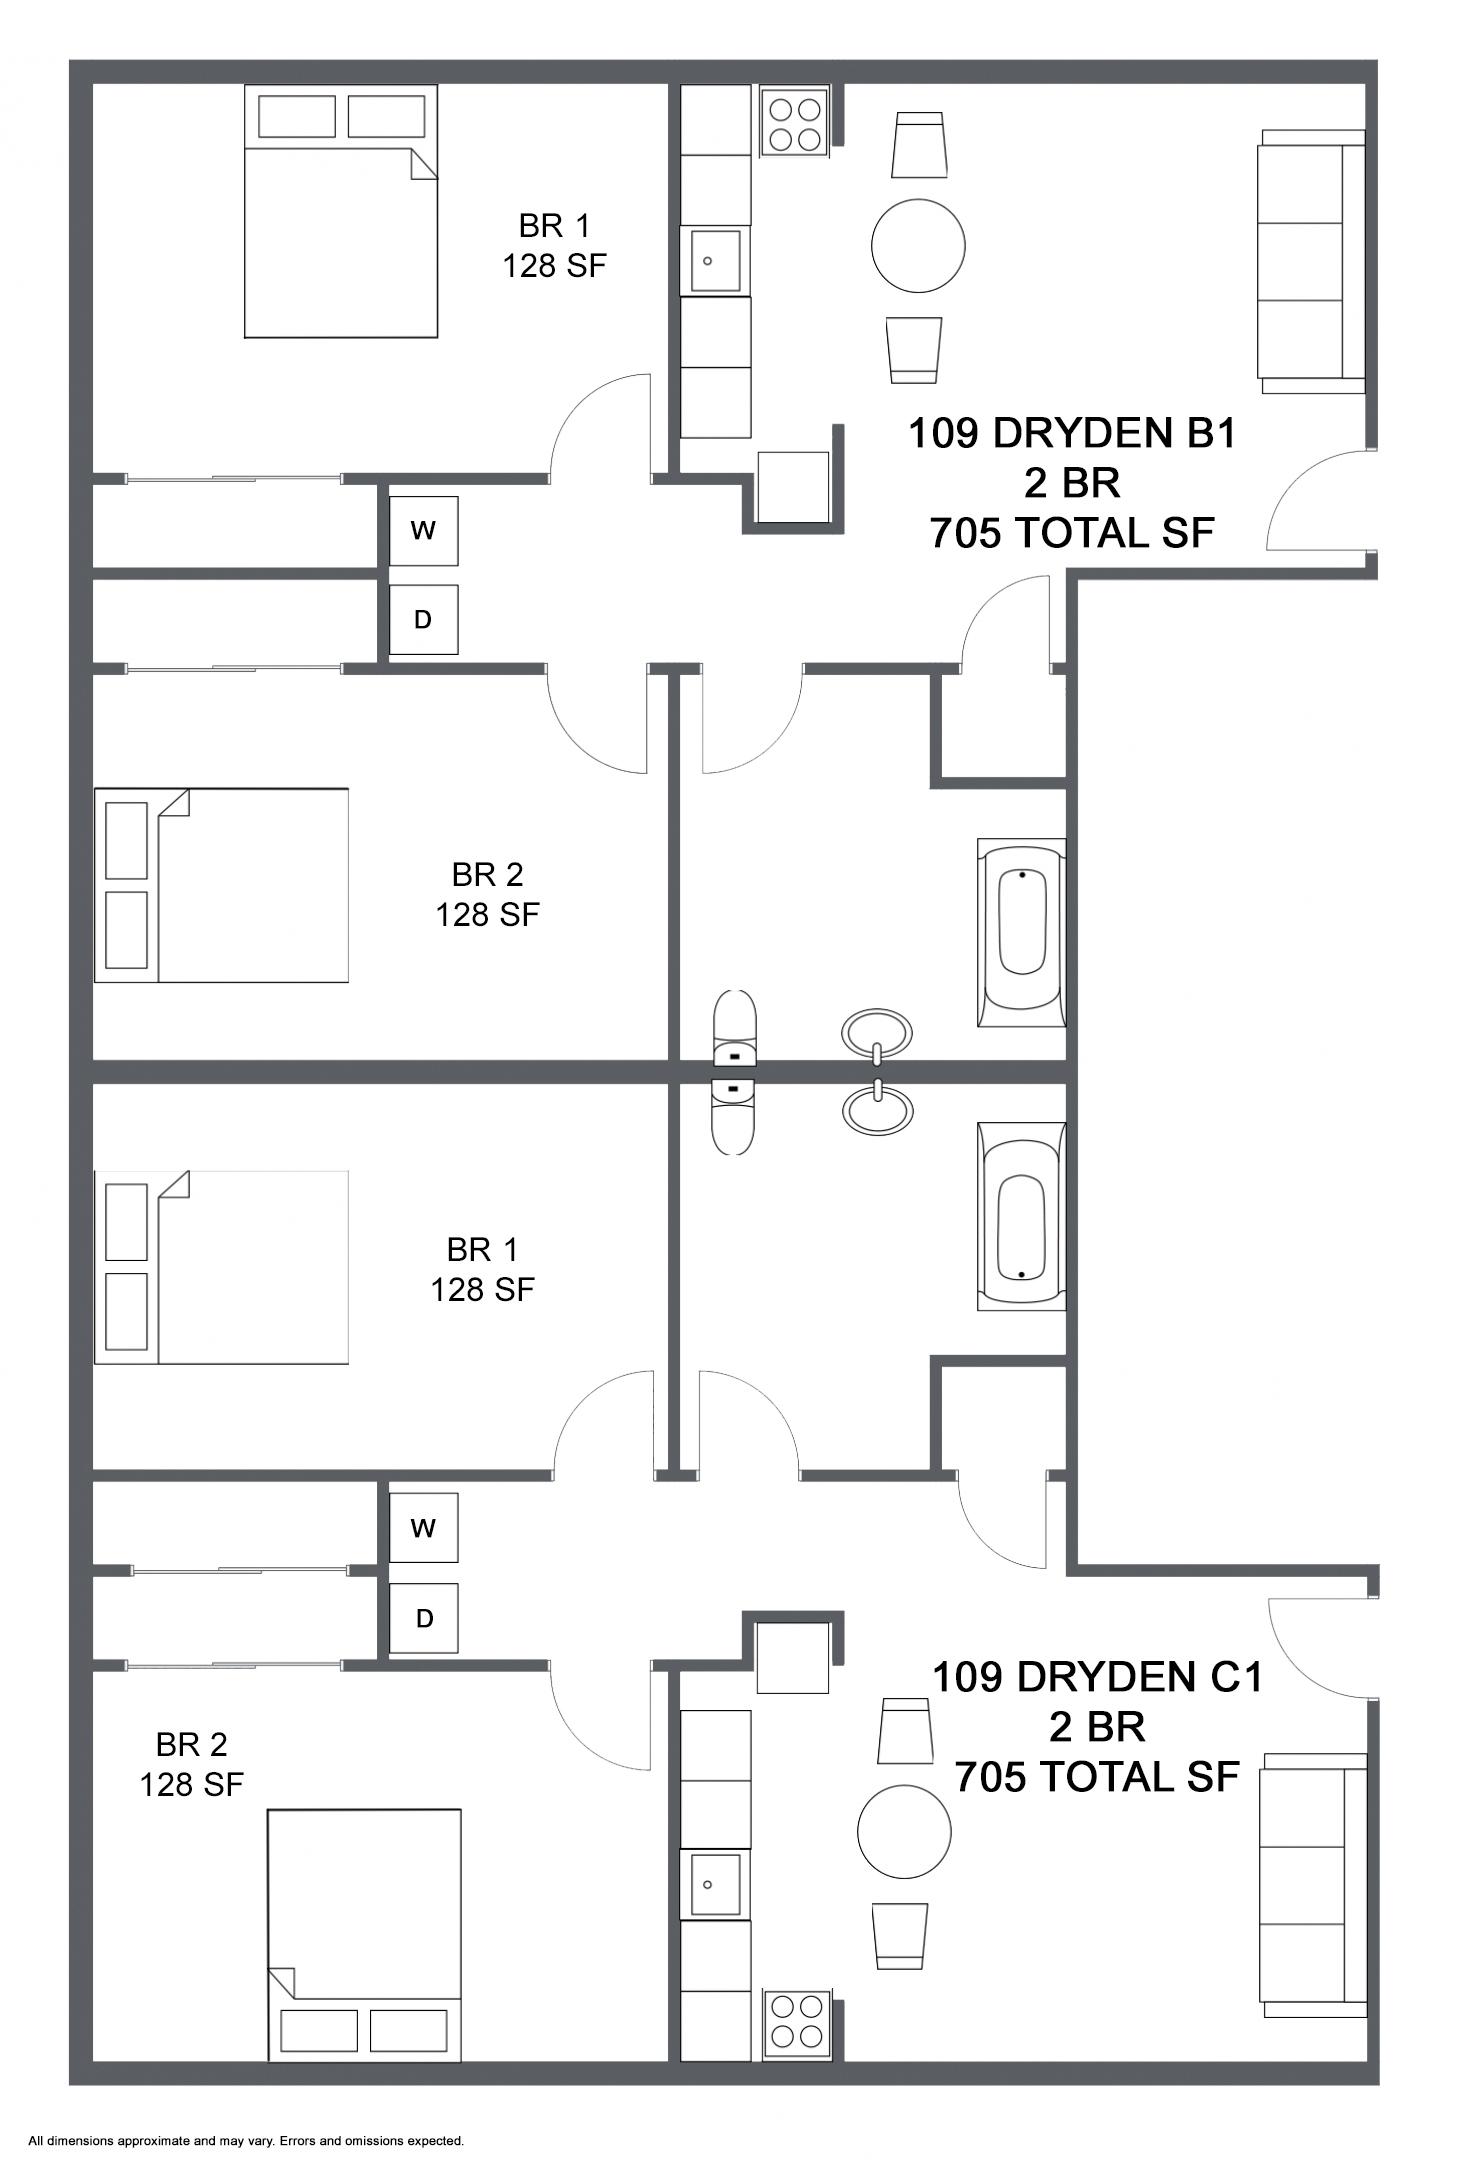 Apartment B1 C1